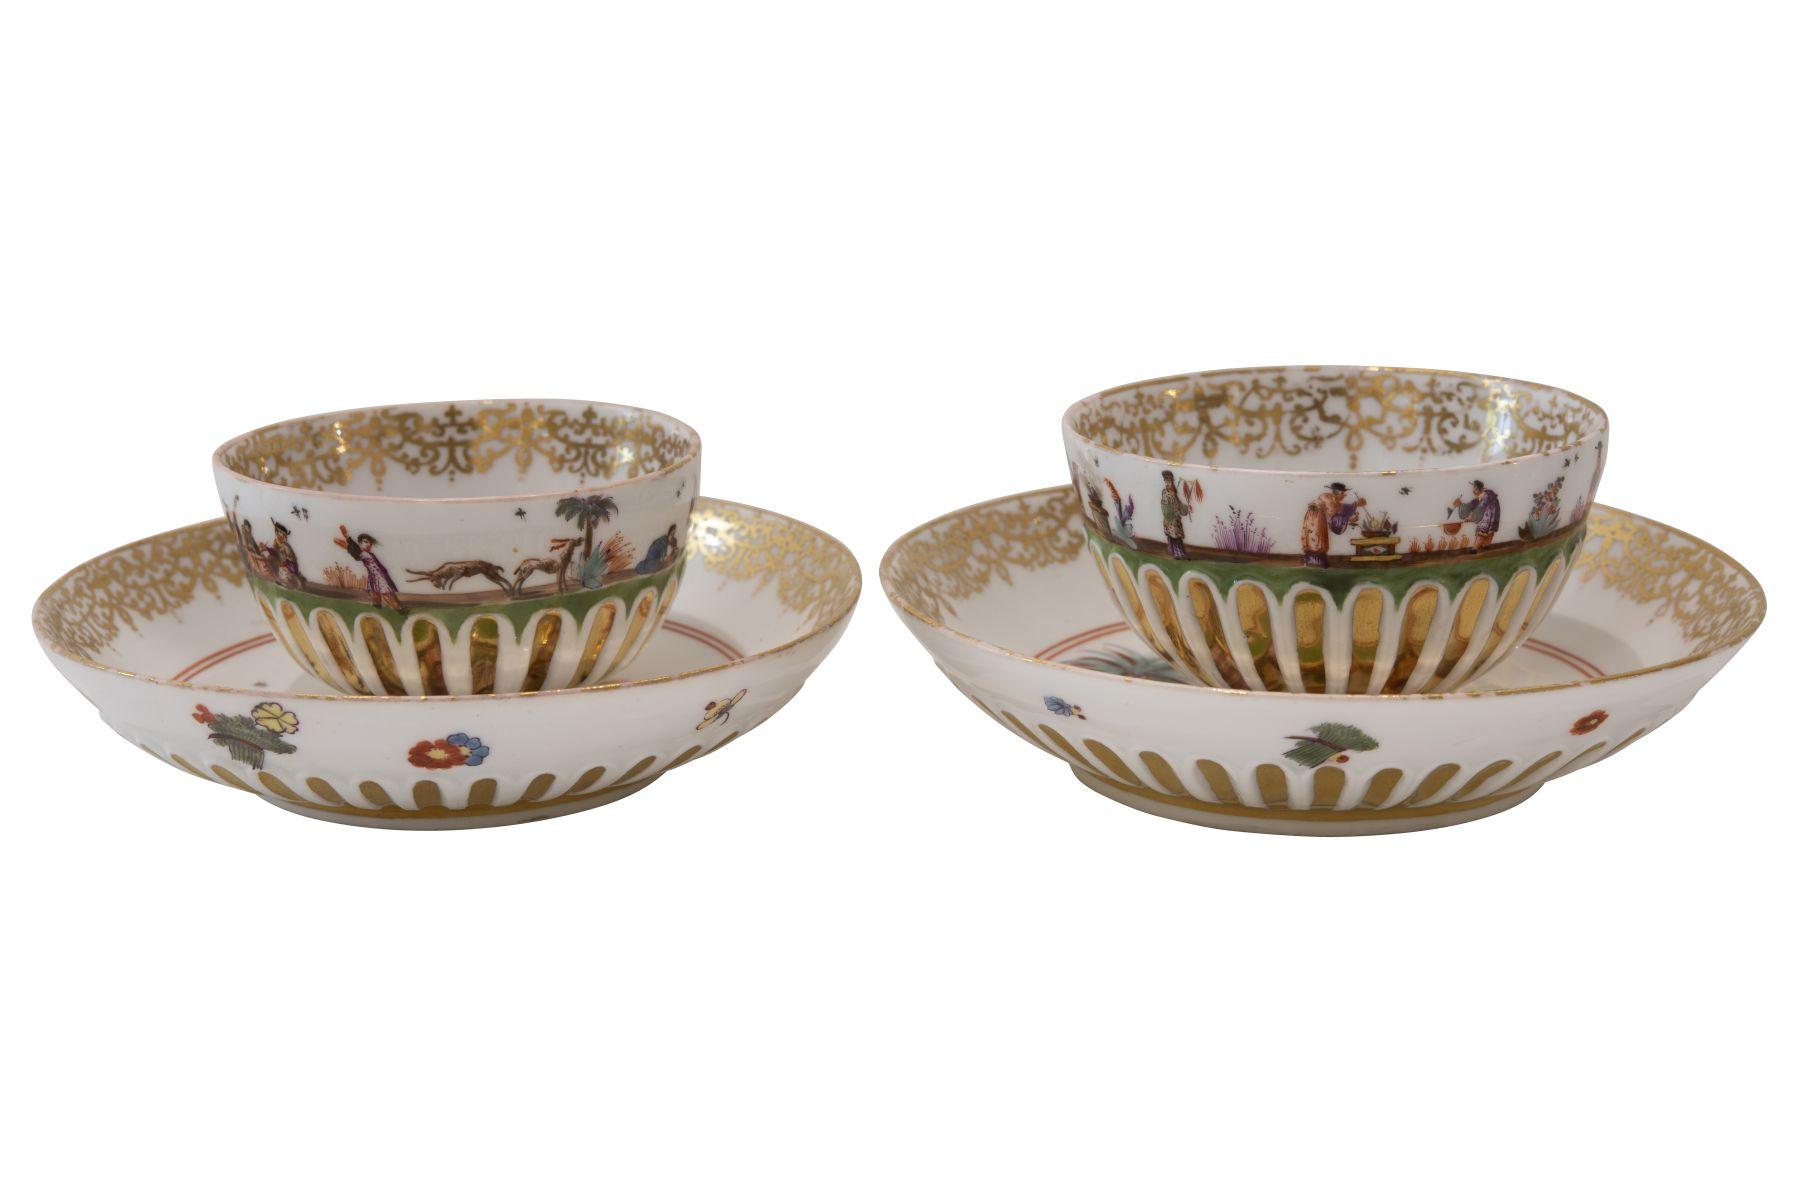 #102 2 small bowls with saucer Meissen around 1735   2 Koppchen mit Untertasse Meissen um 1735 Image